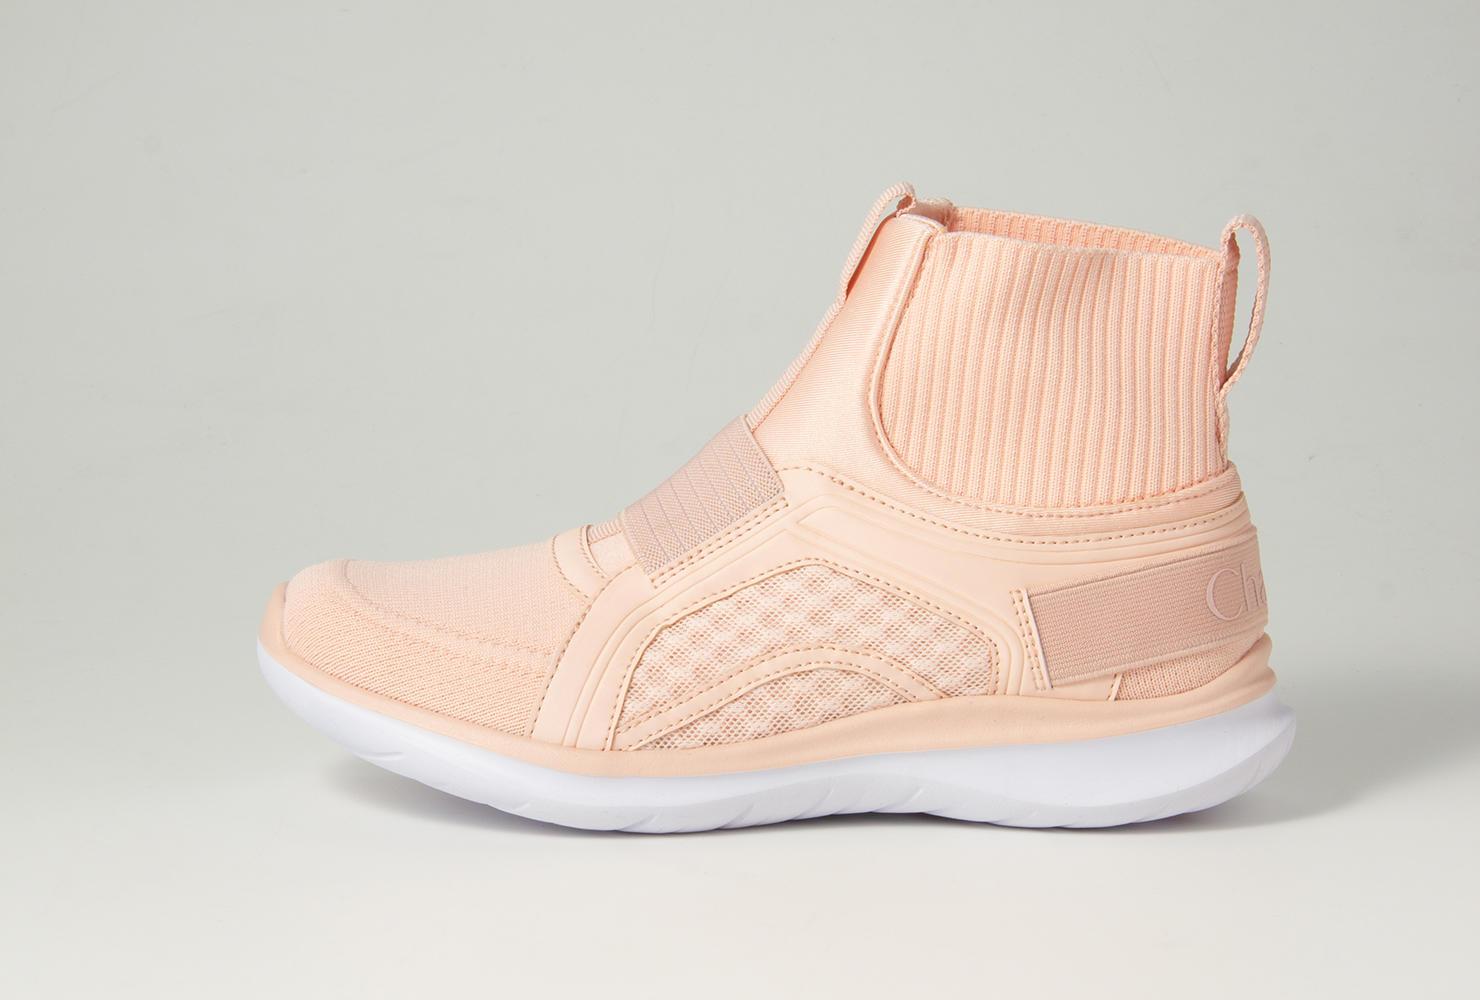 0417_sneaker_balance_10.jpg